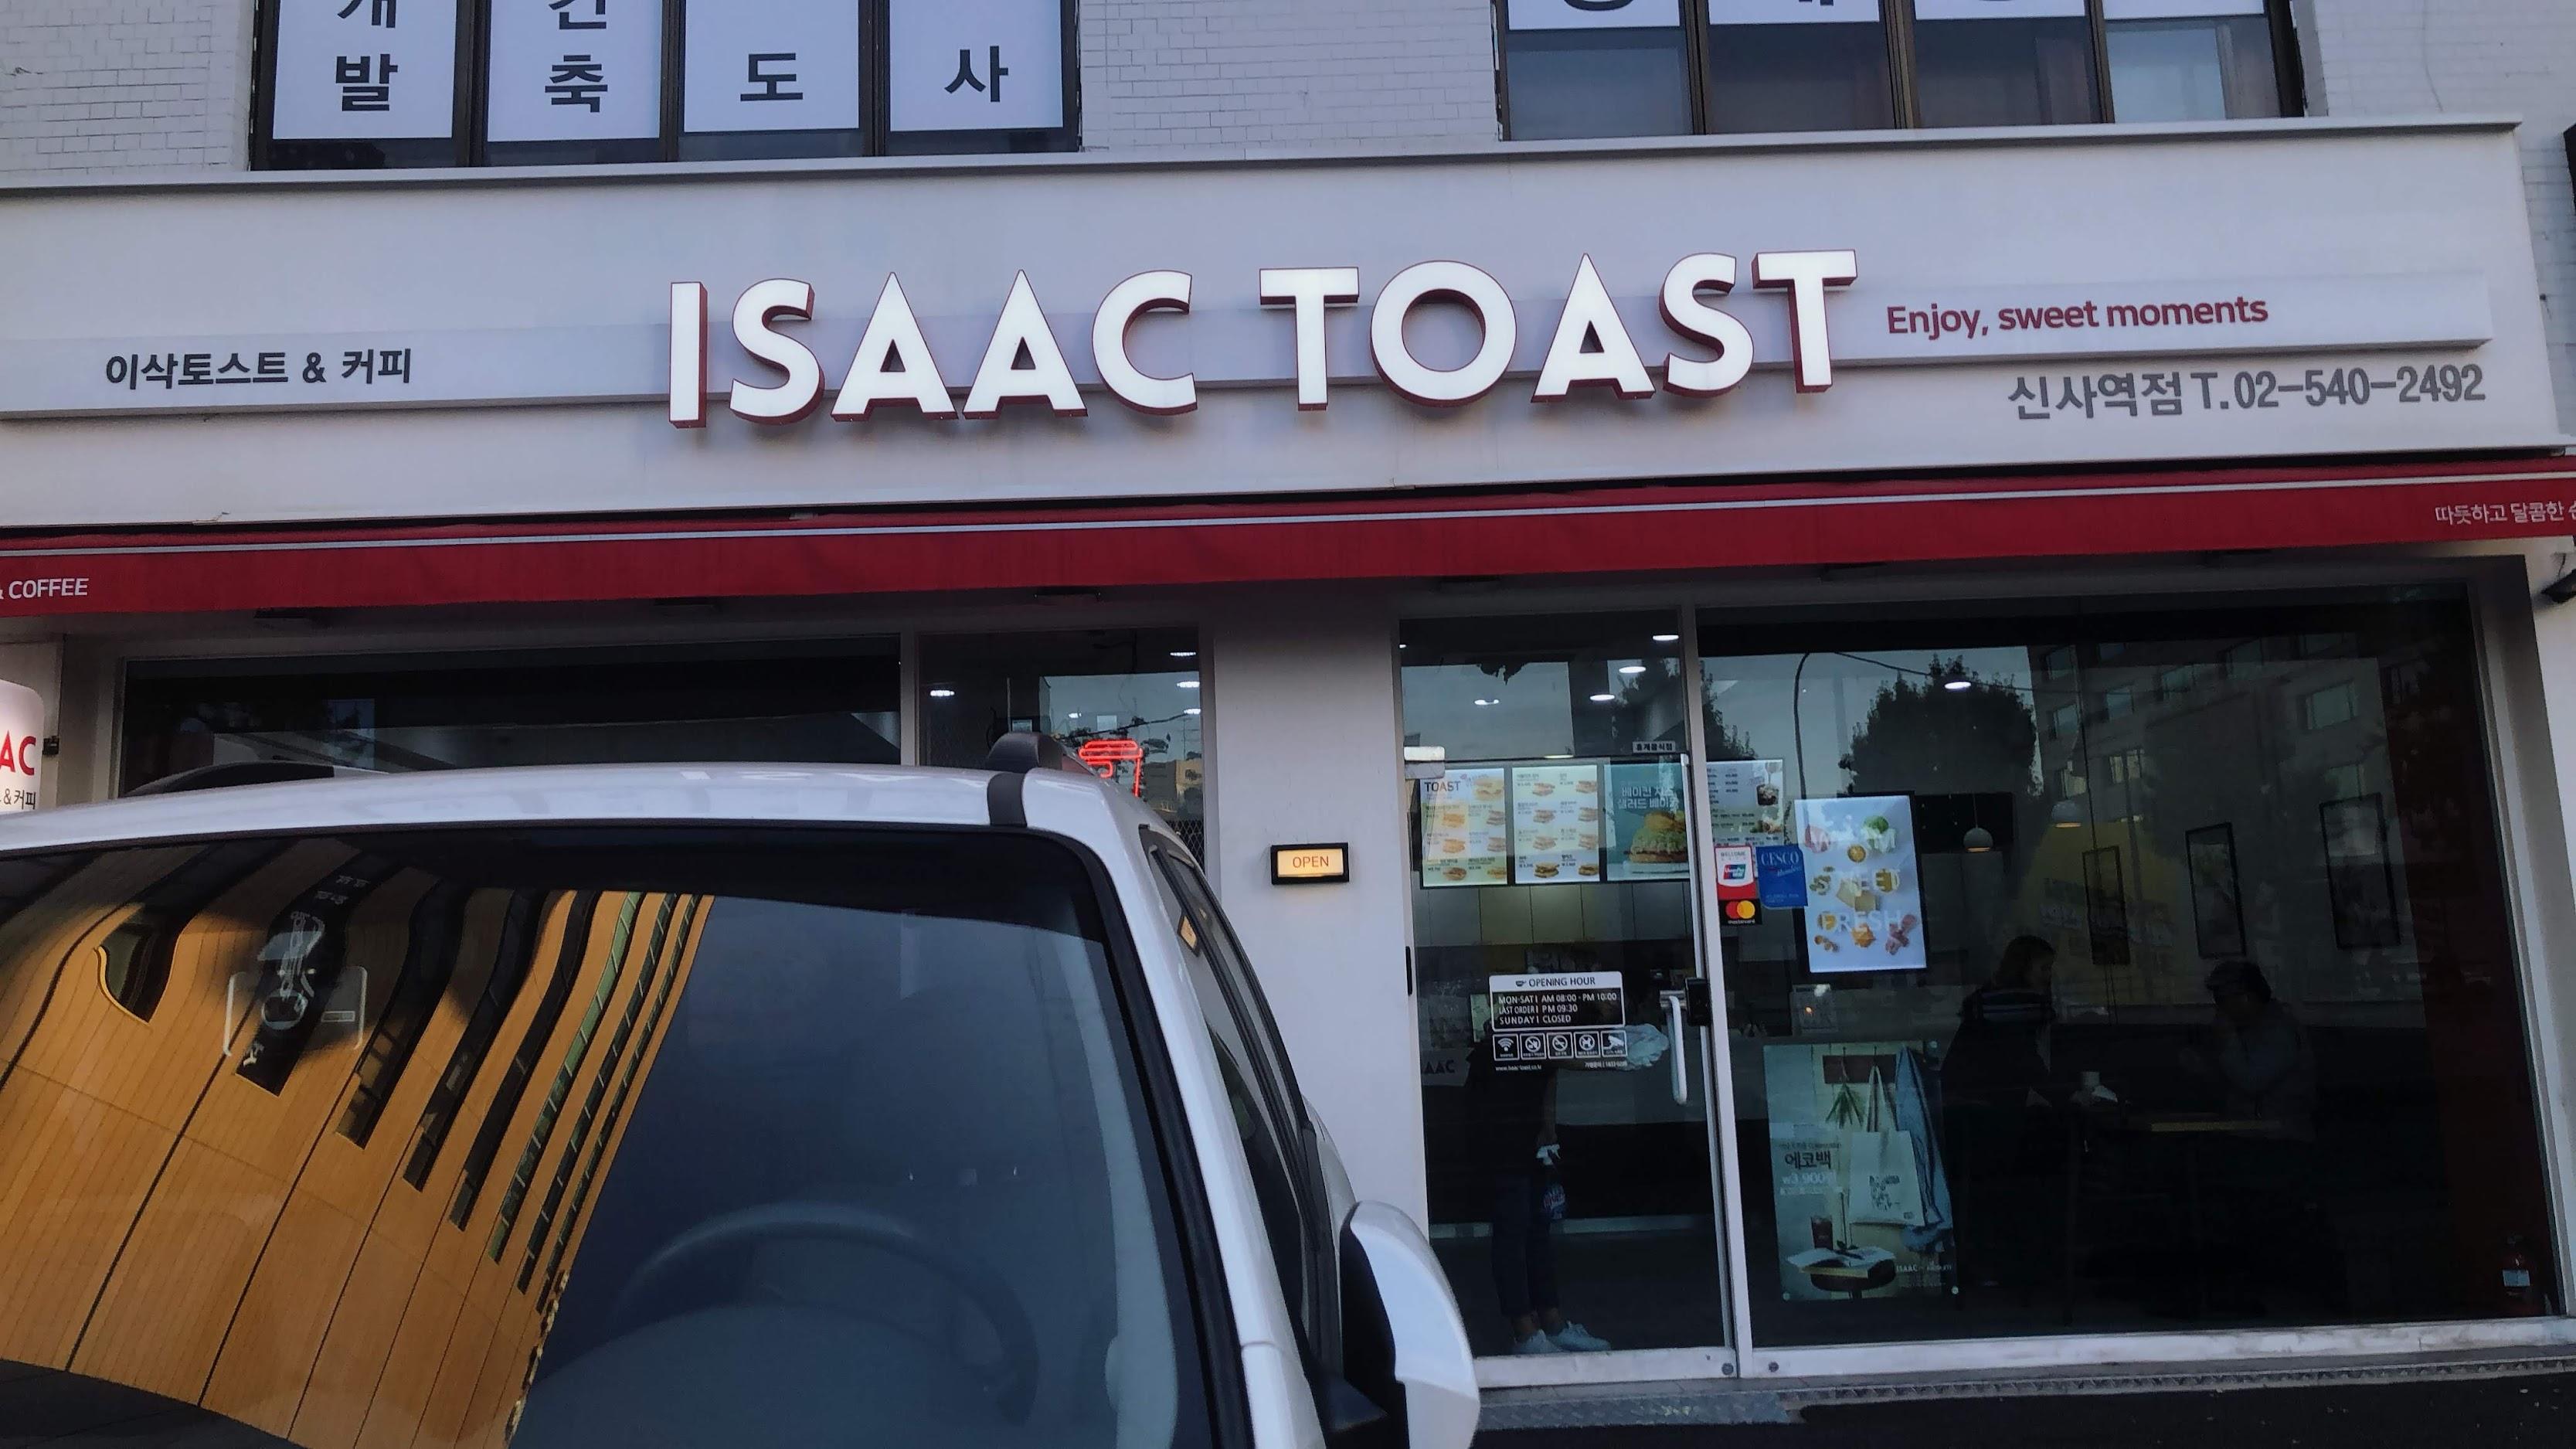 韓国で人気のIsaac(イサック)トースト